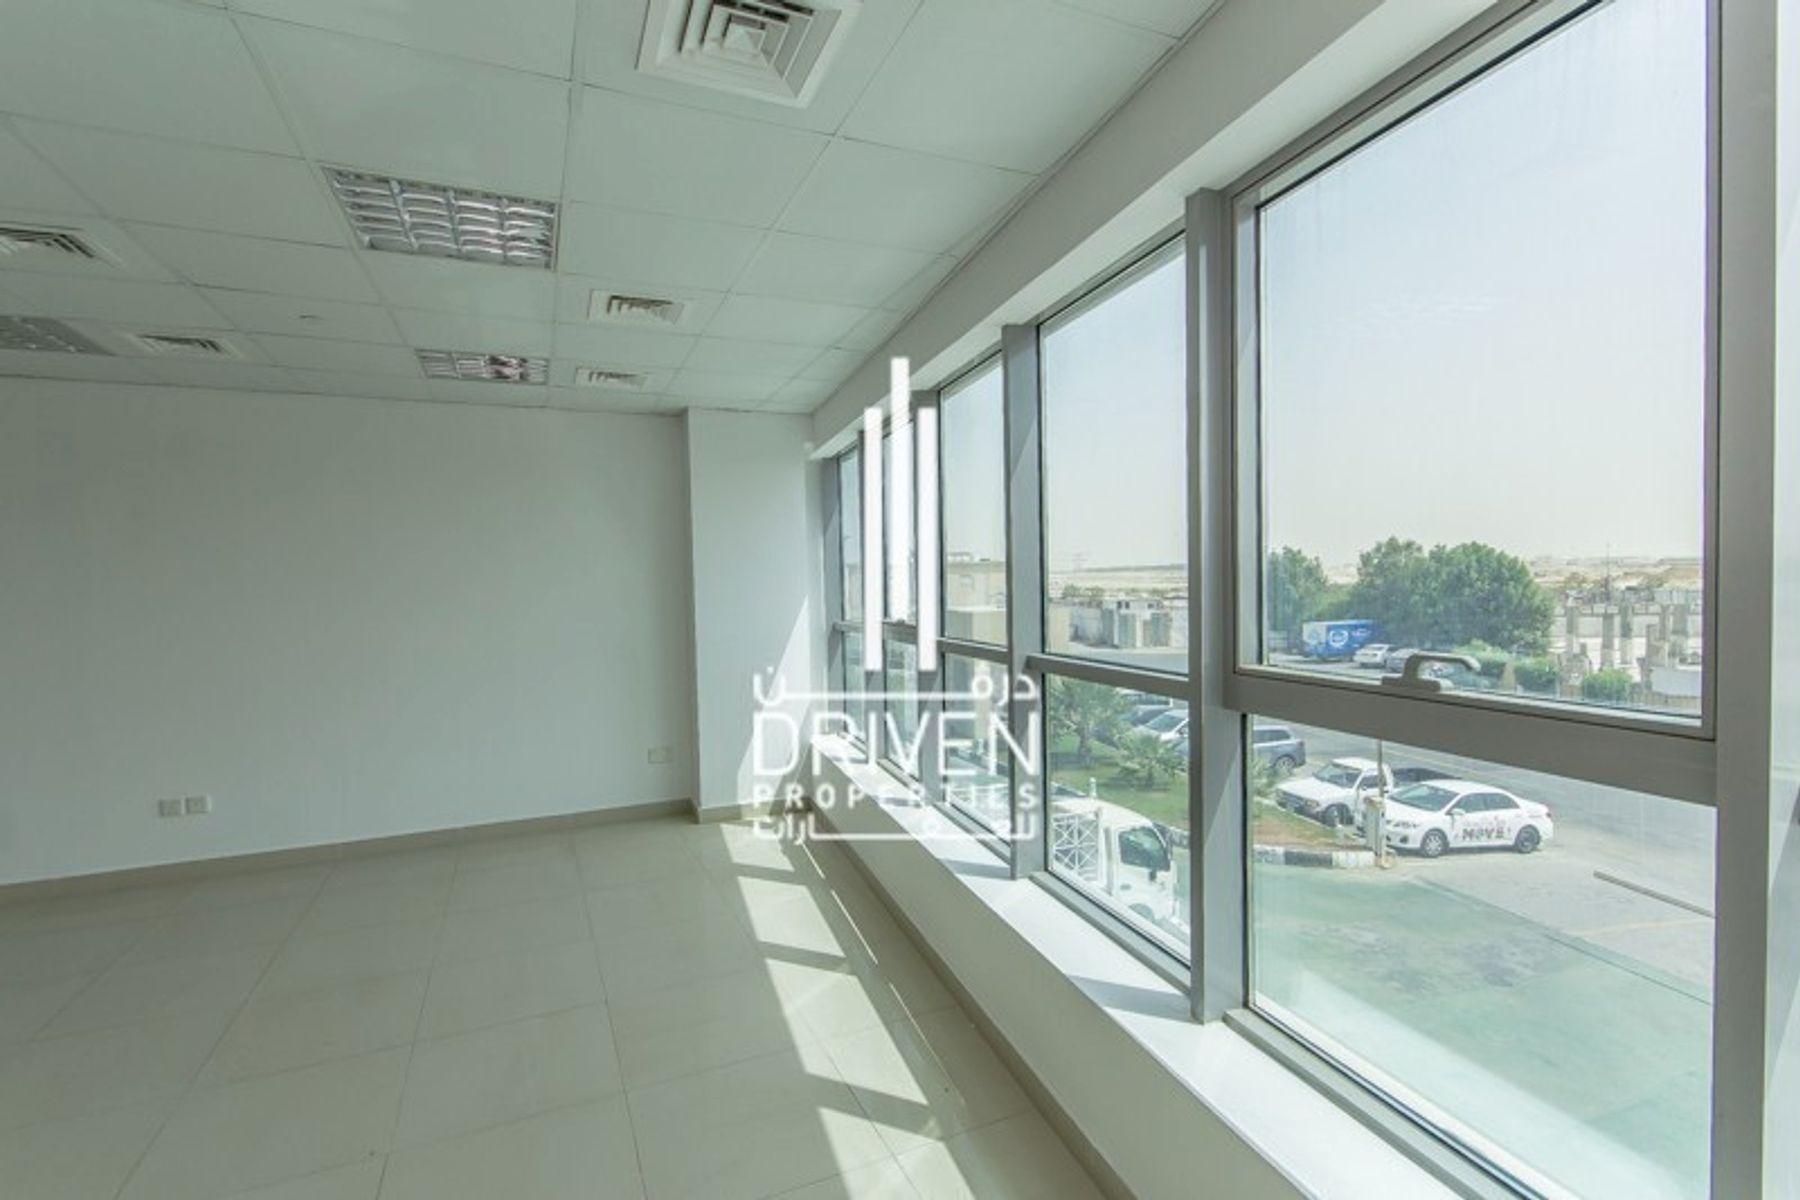 1,077 قدم مربع  مكتب - للايجار - مجمع دبي للإستثمار